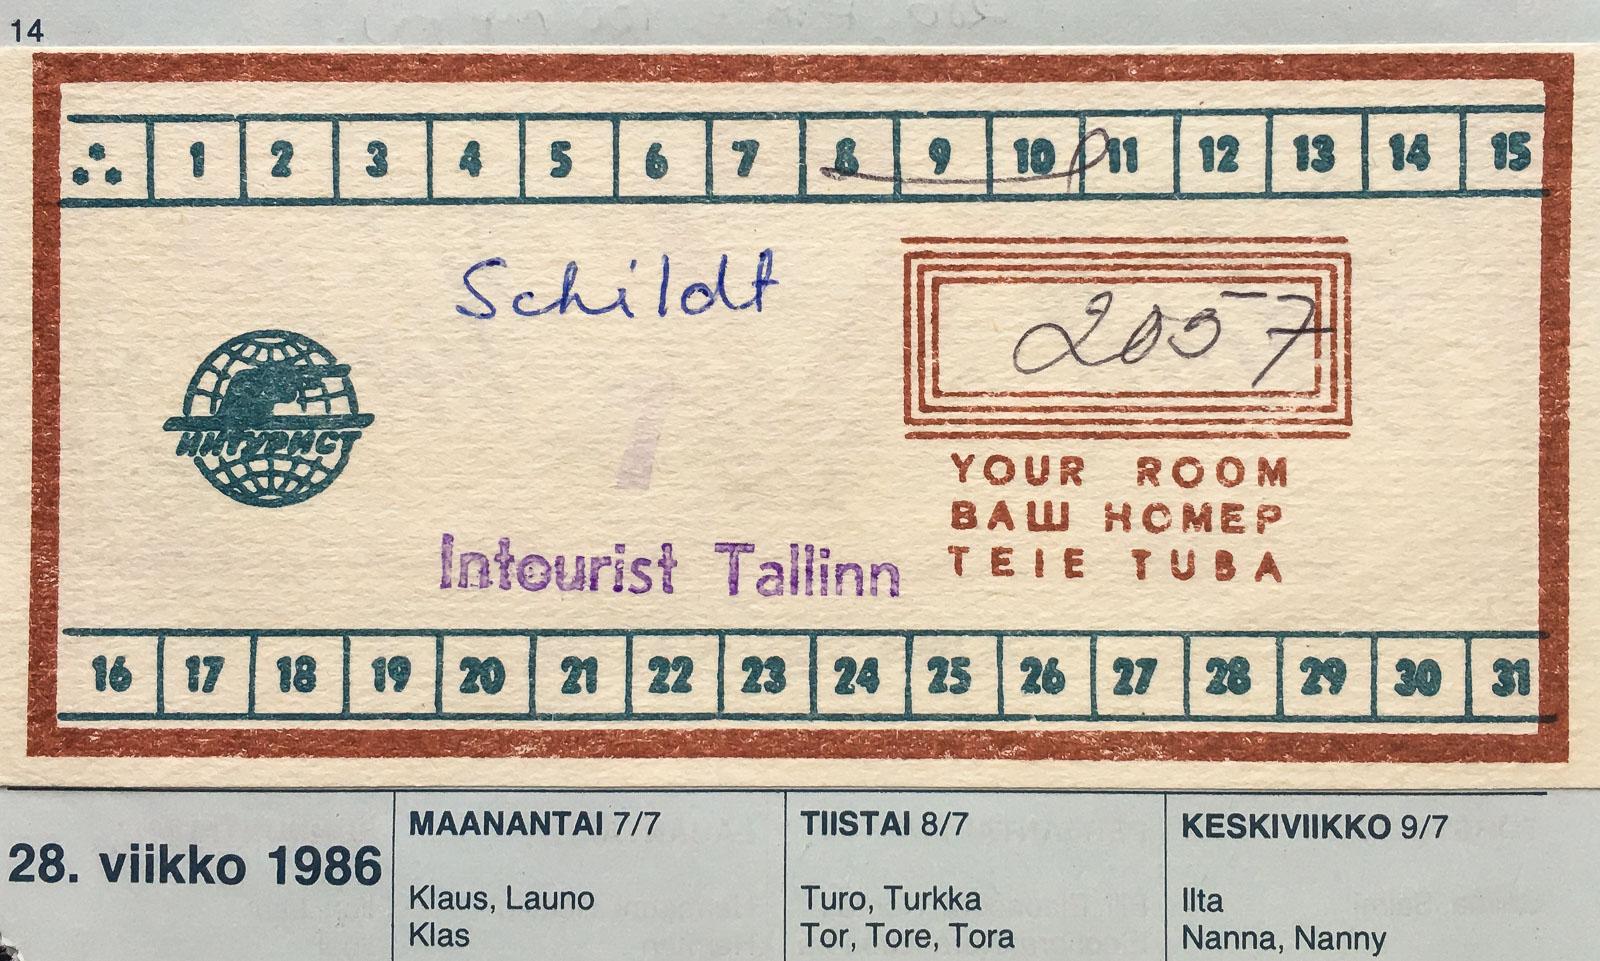 Tallinna 86 Viro